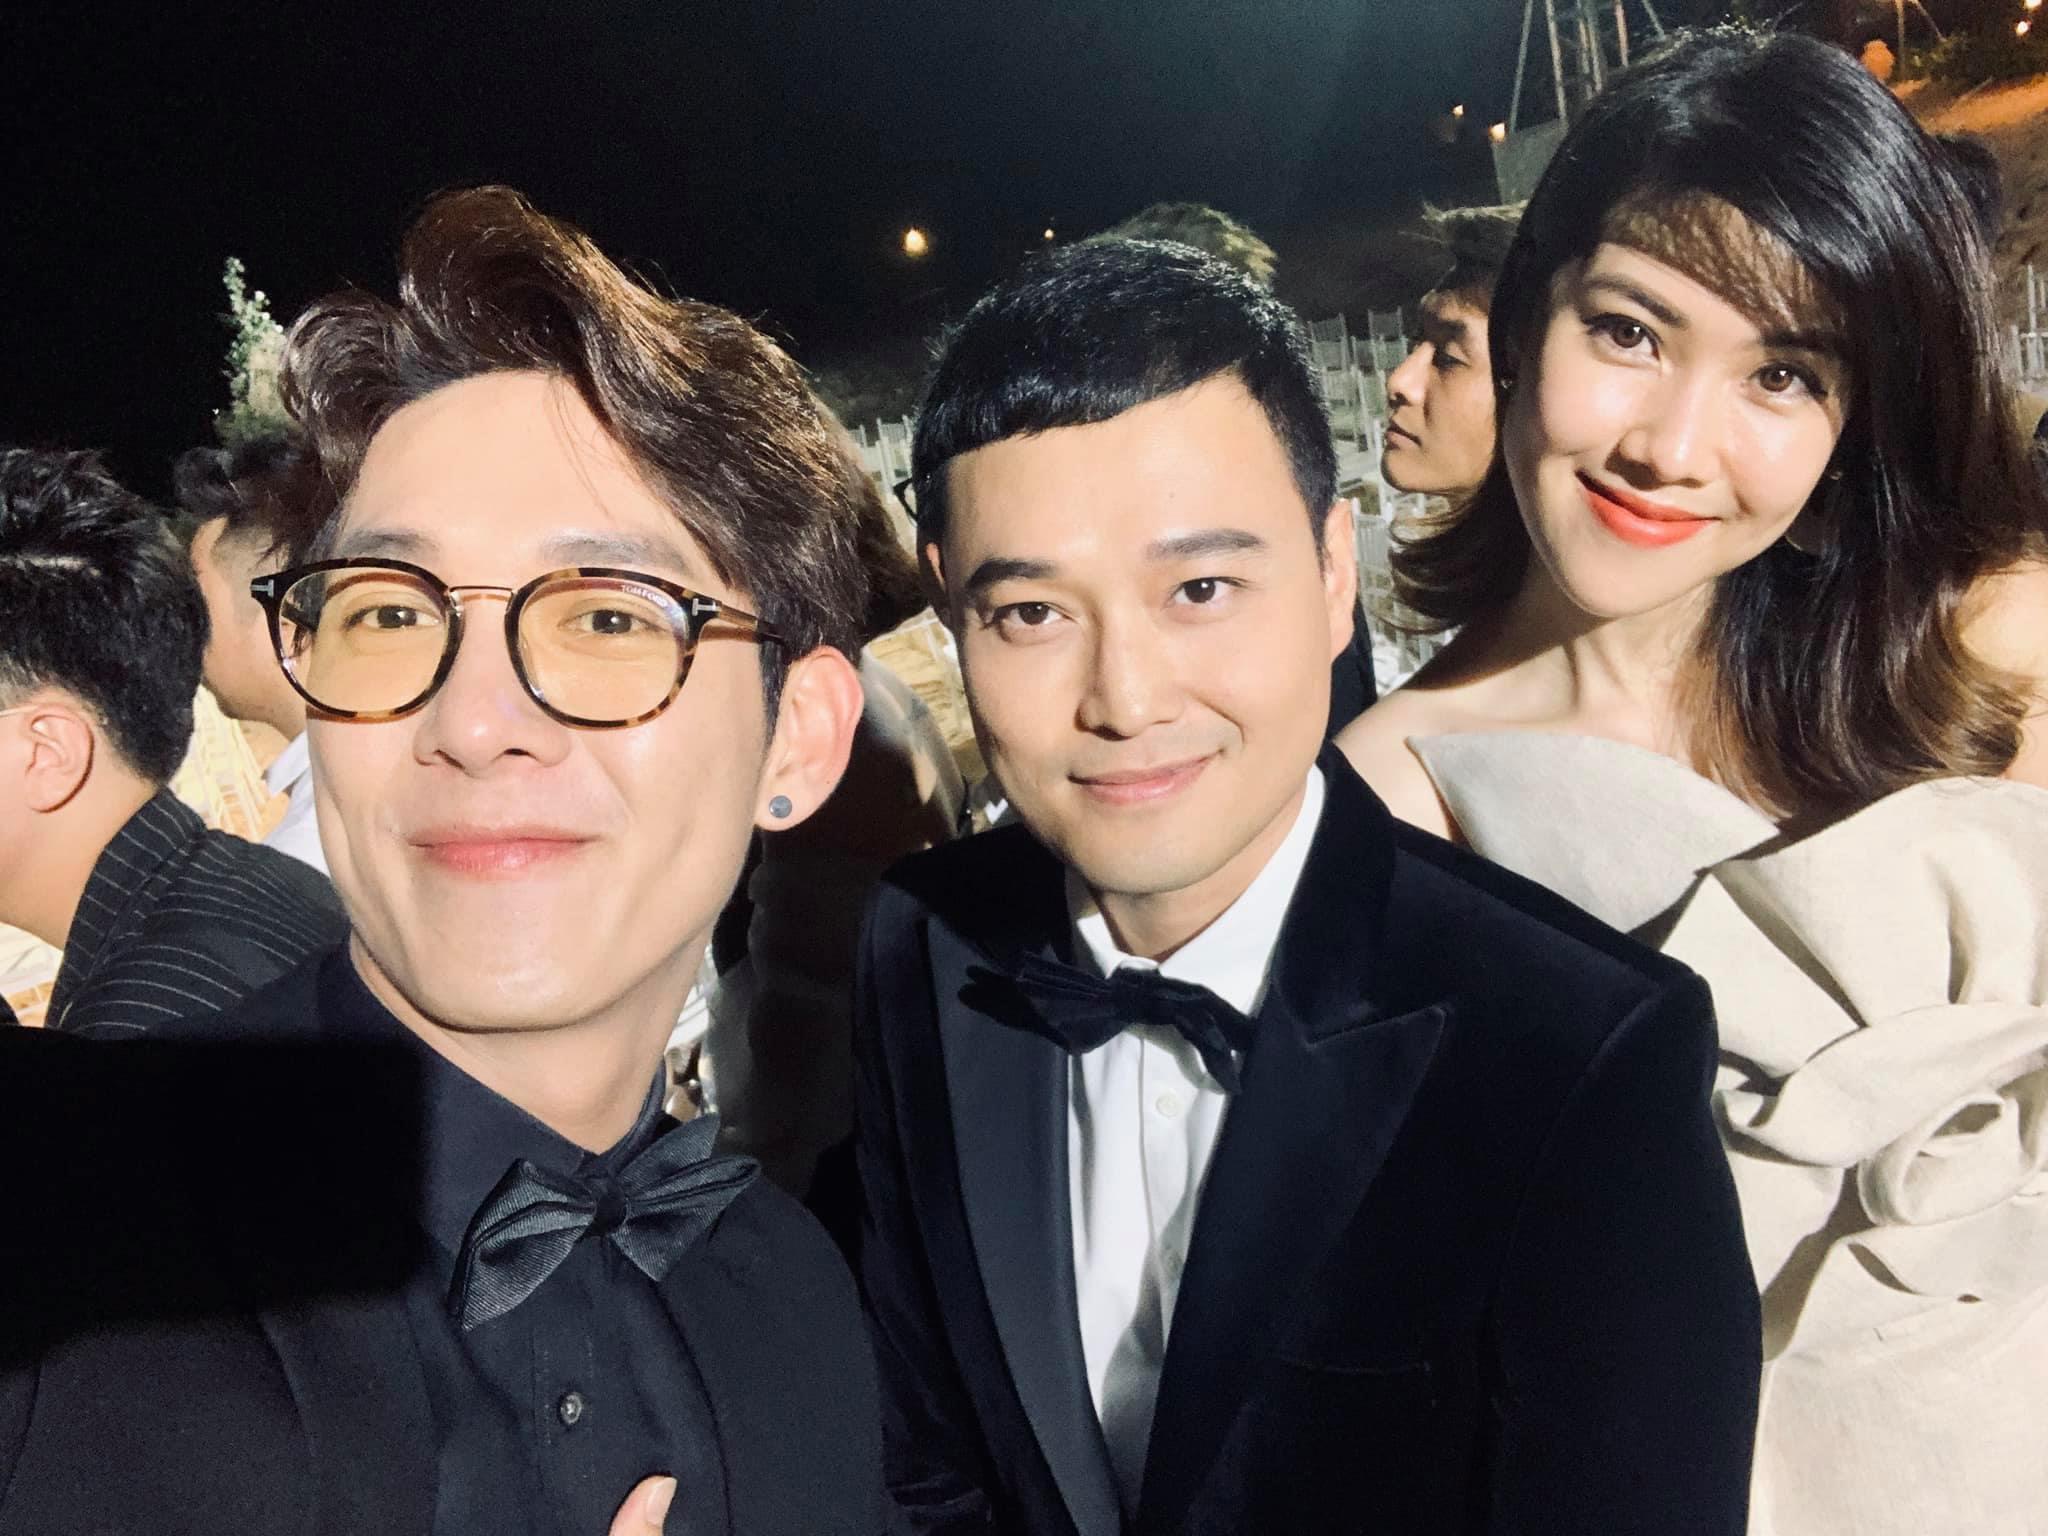 Không khó để nhận ra, Song Luân và siêu mẫu Thu Hằng luôn đứng chung trong một khung hình khi chụp chung với những người bạn khác.